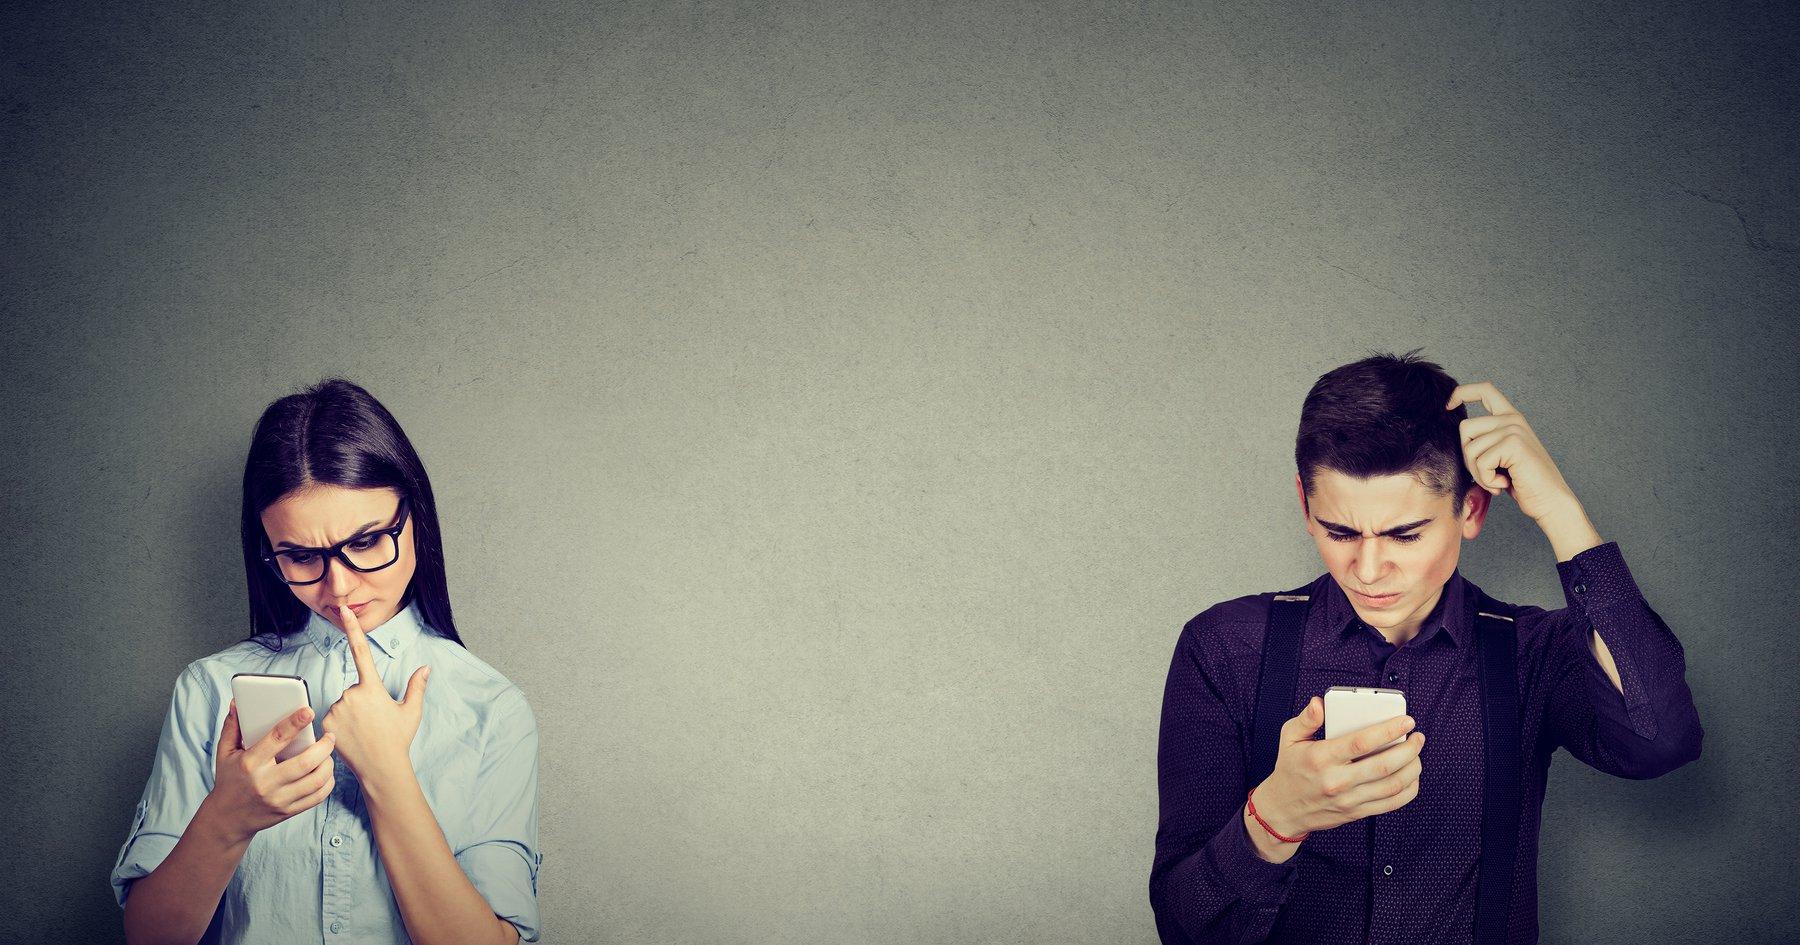 Einzigartige Online-Dating-Nachrichten